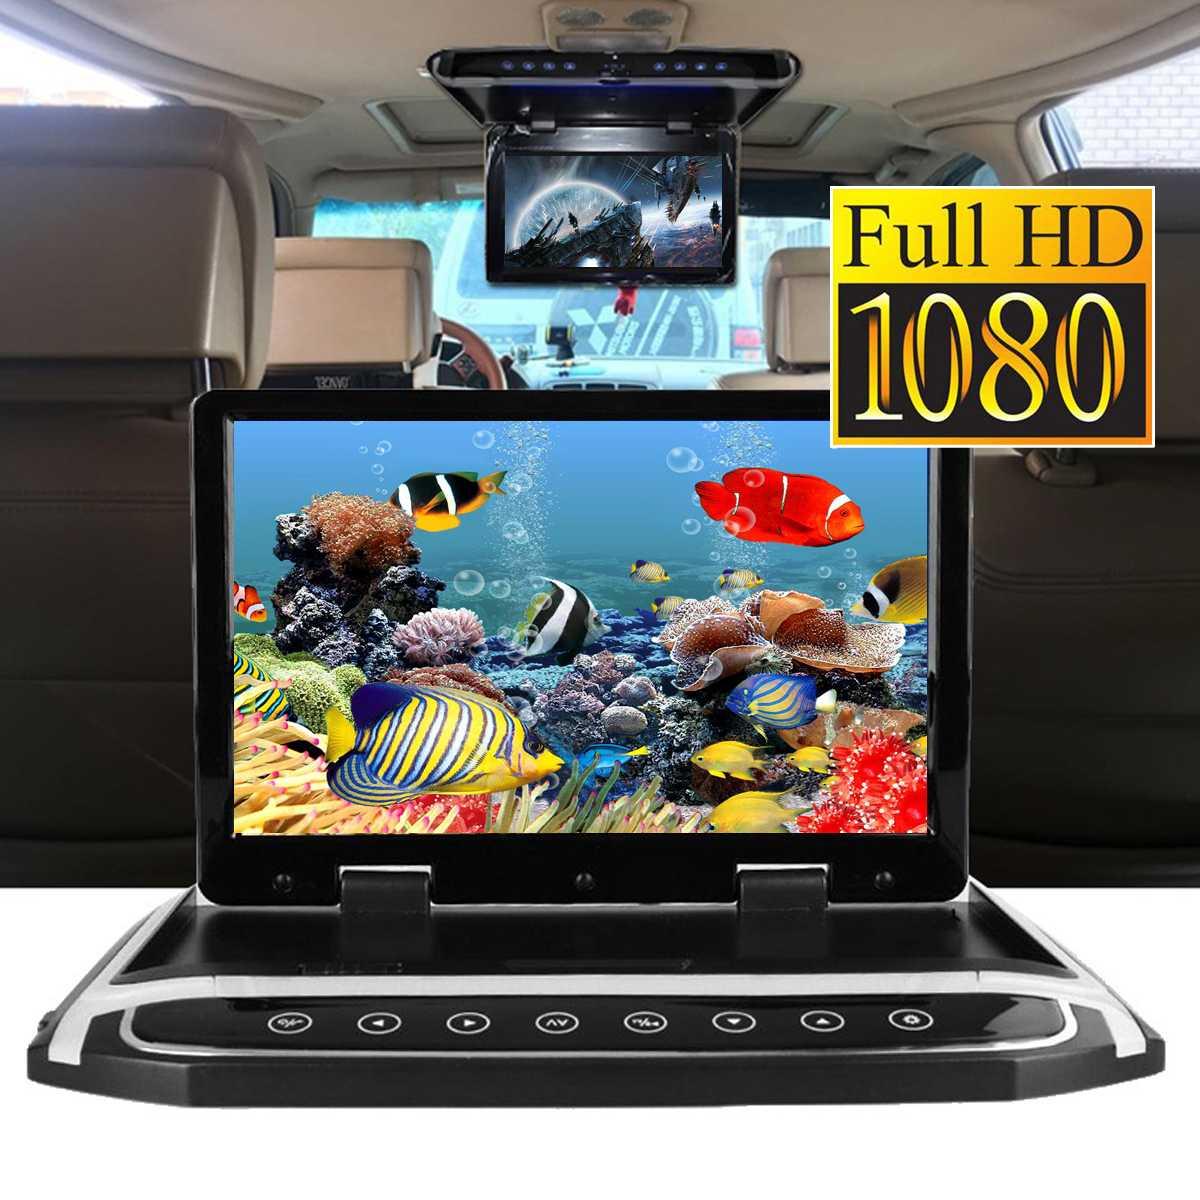 15.6 HD lecteur DVD de voiture grand écran HDMI plafond de voiture rabattable moniteur lecteur de montage sur le toit 1920*1080 - 6